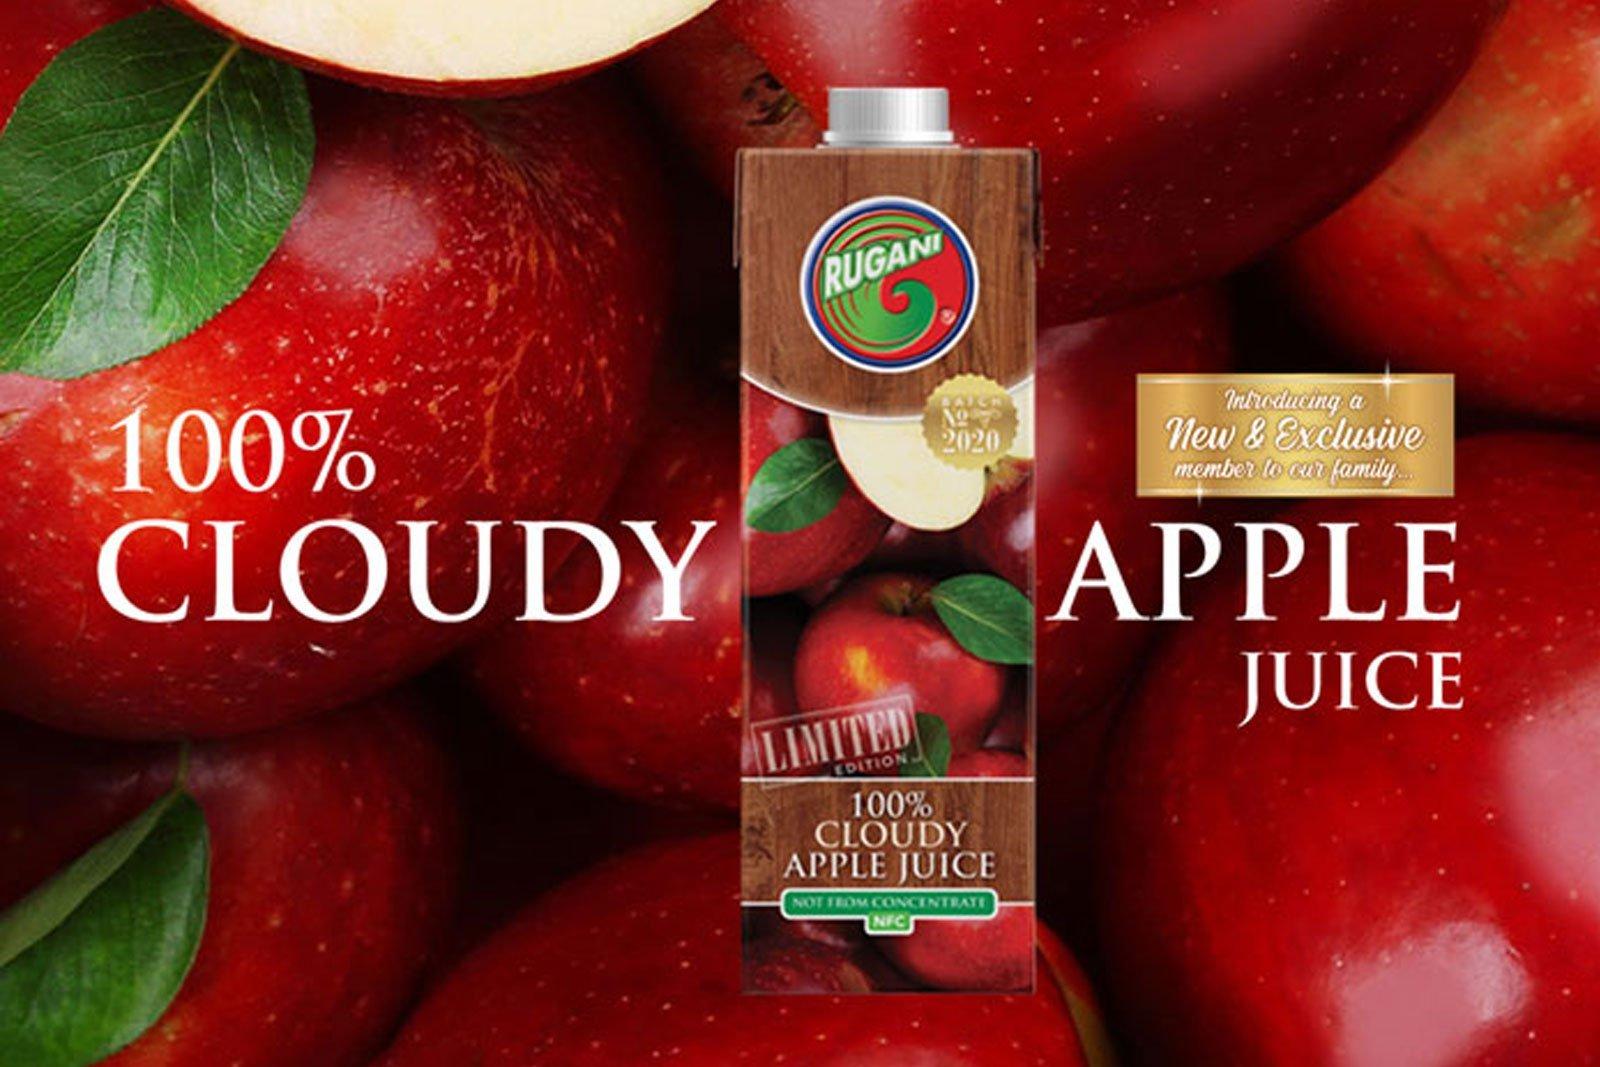 100% Cloudy apple juice feature